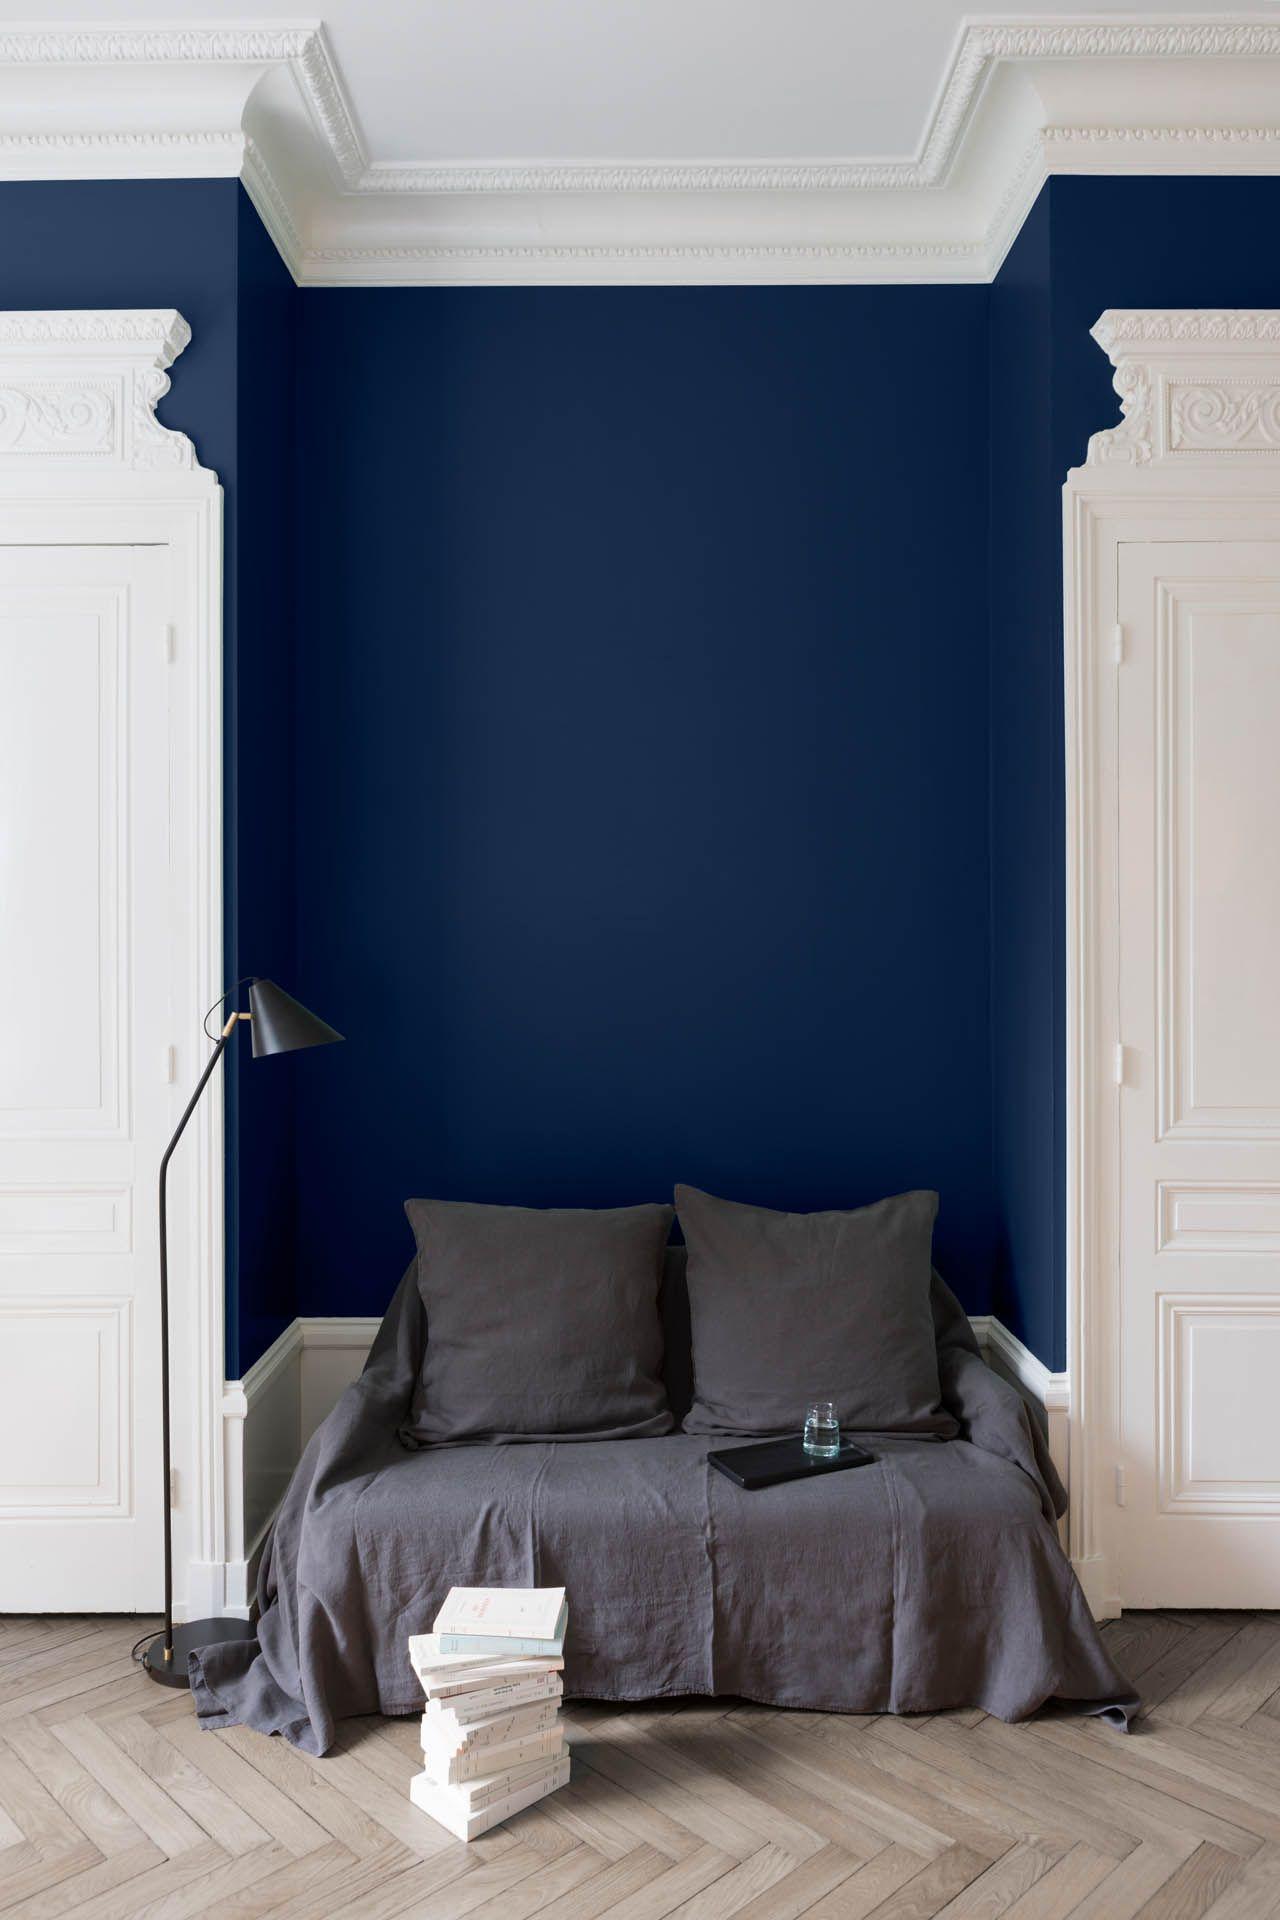 Velours De Peinture Couleur Bleu Vintimille Liberon Chambres Luxueuses Decoration Maison Peinture Bleu